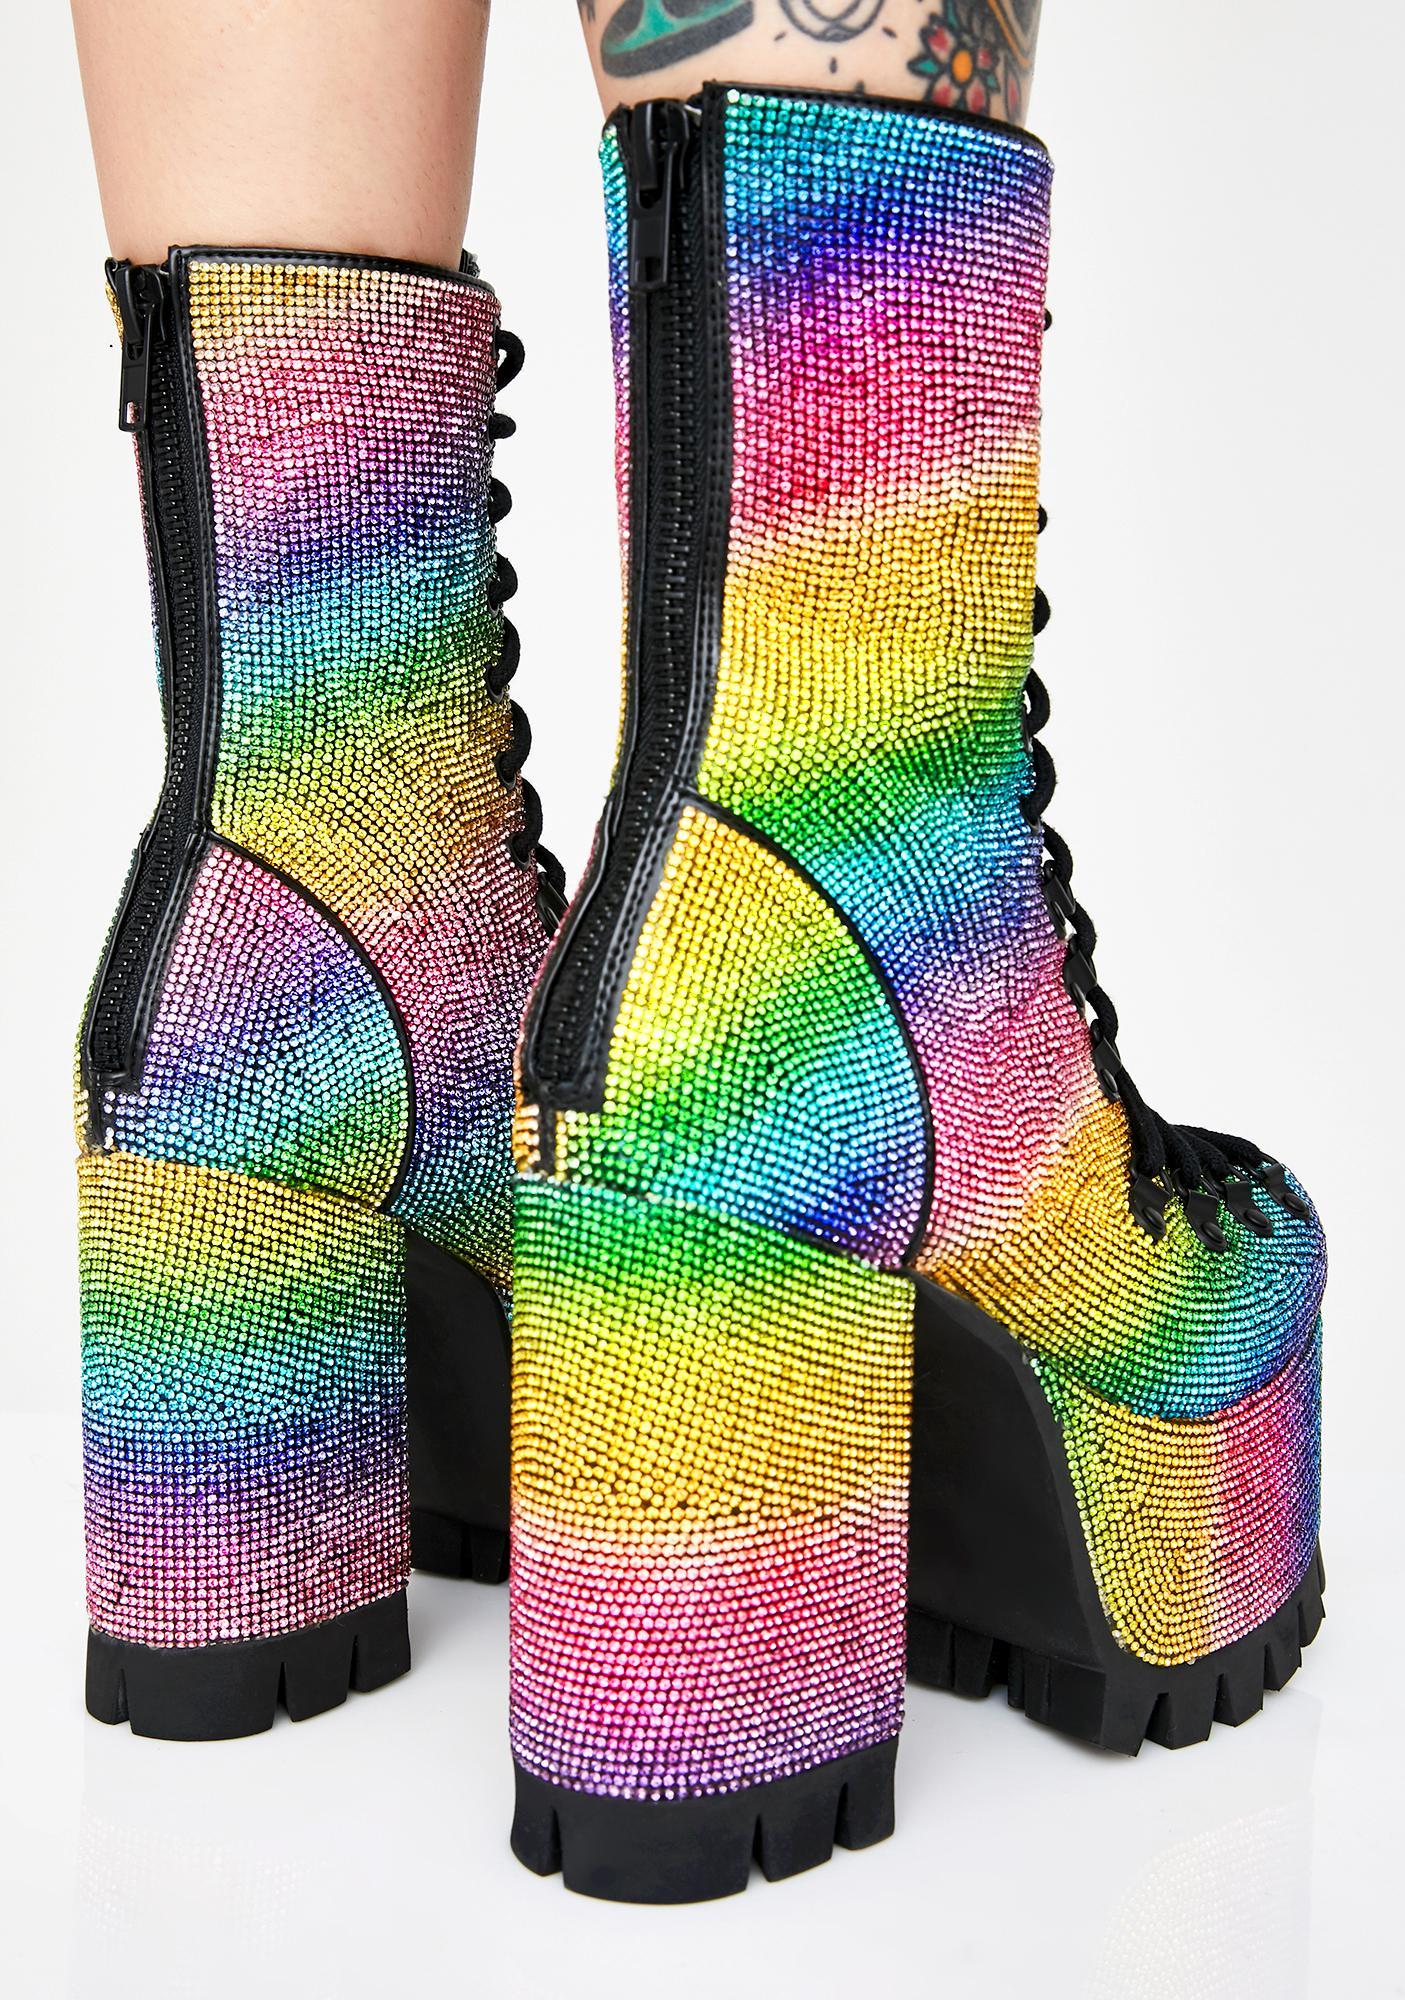 Club Exx Candylicious Rhinestone Boots